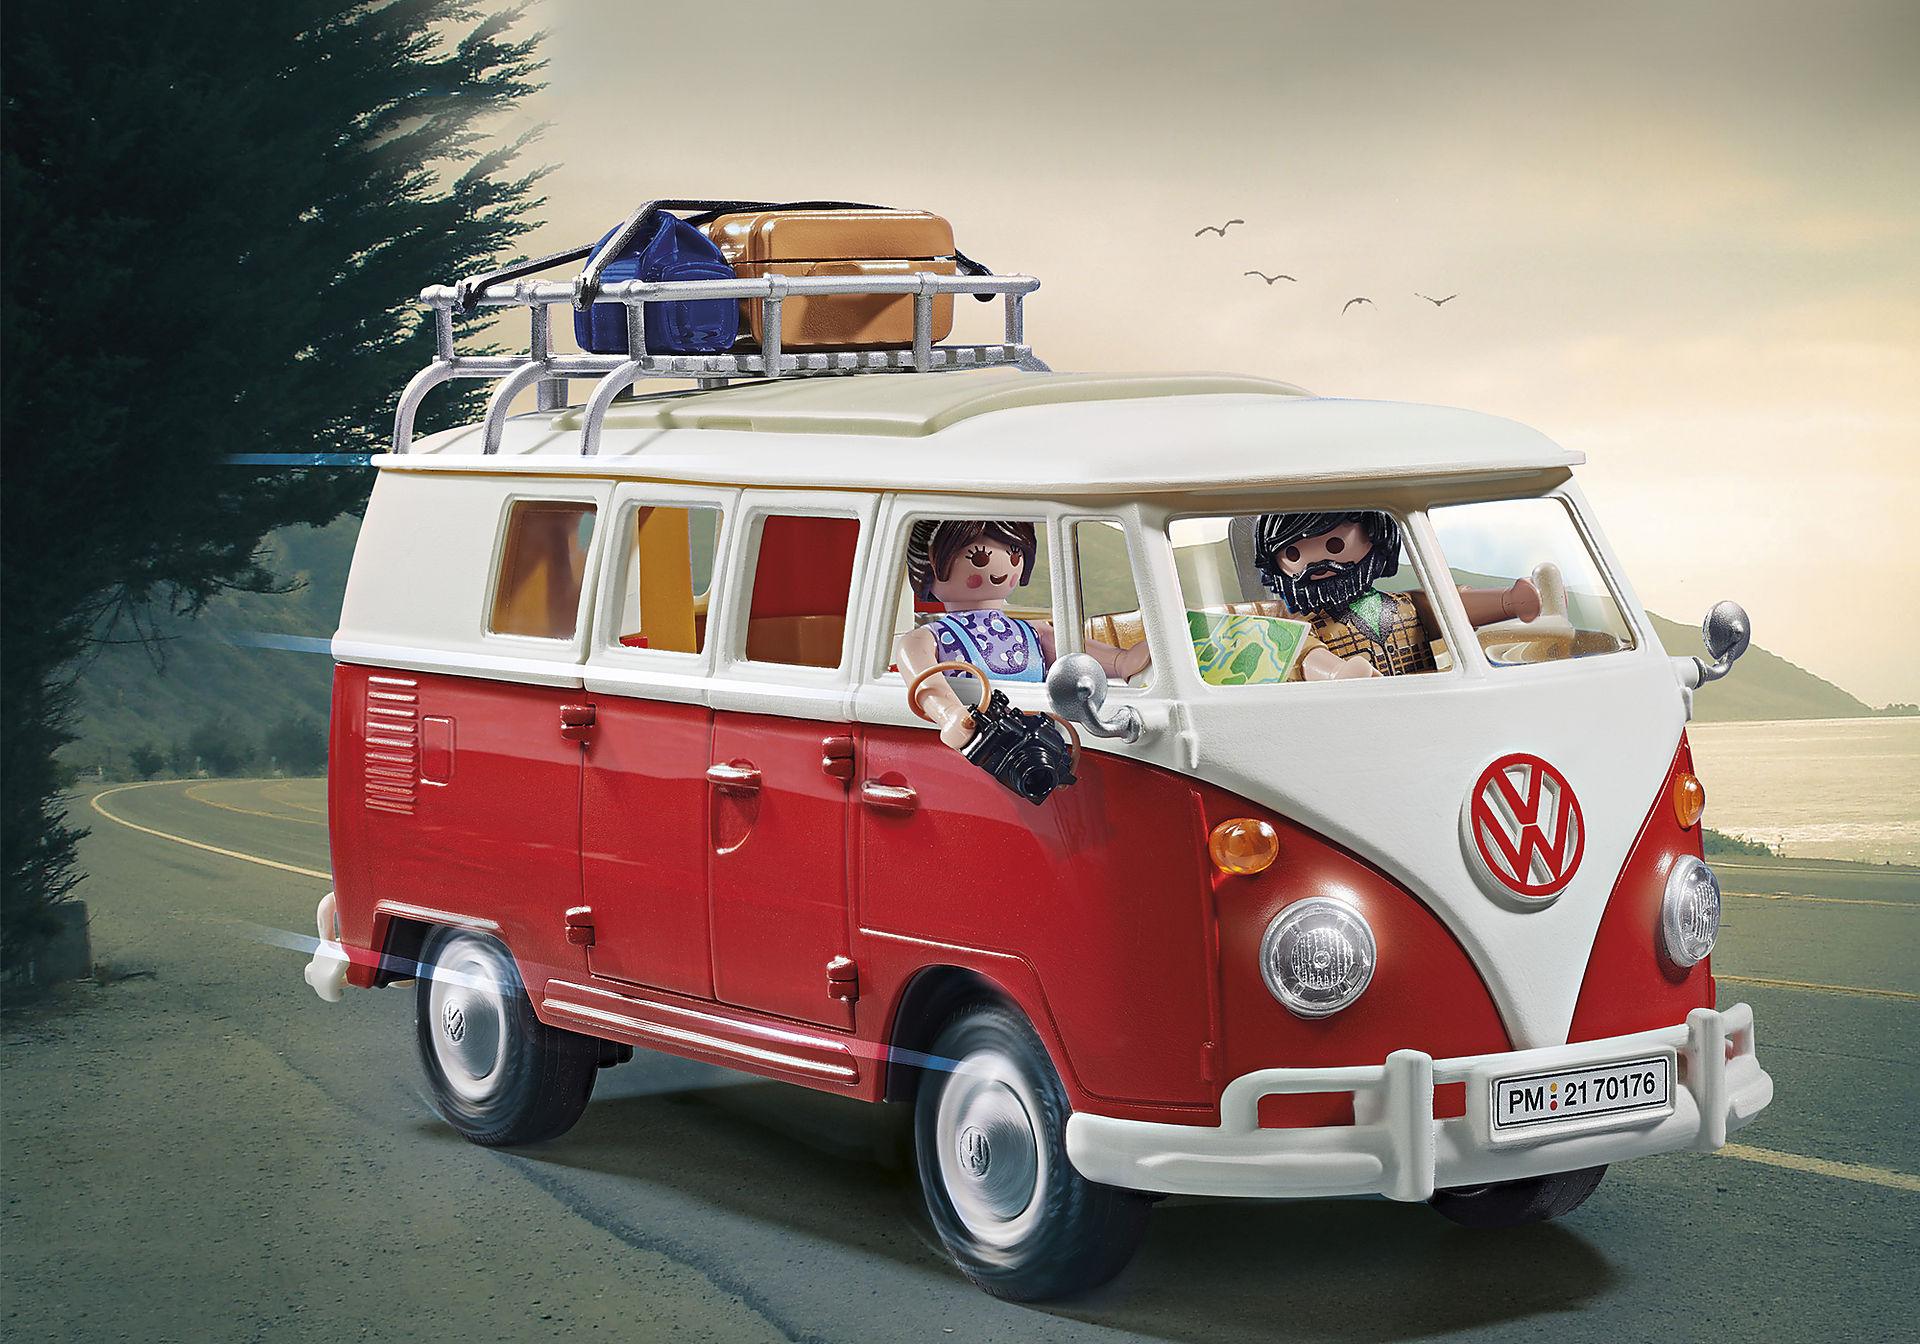 Volkswagen T1 Bulli Camping Bus Playmobil 70176